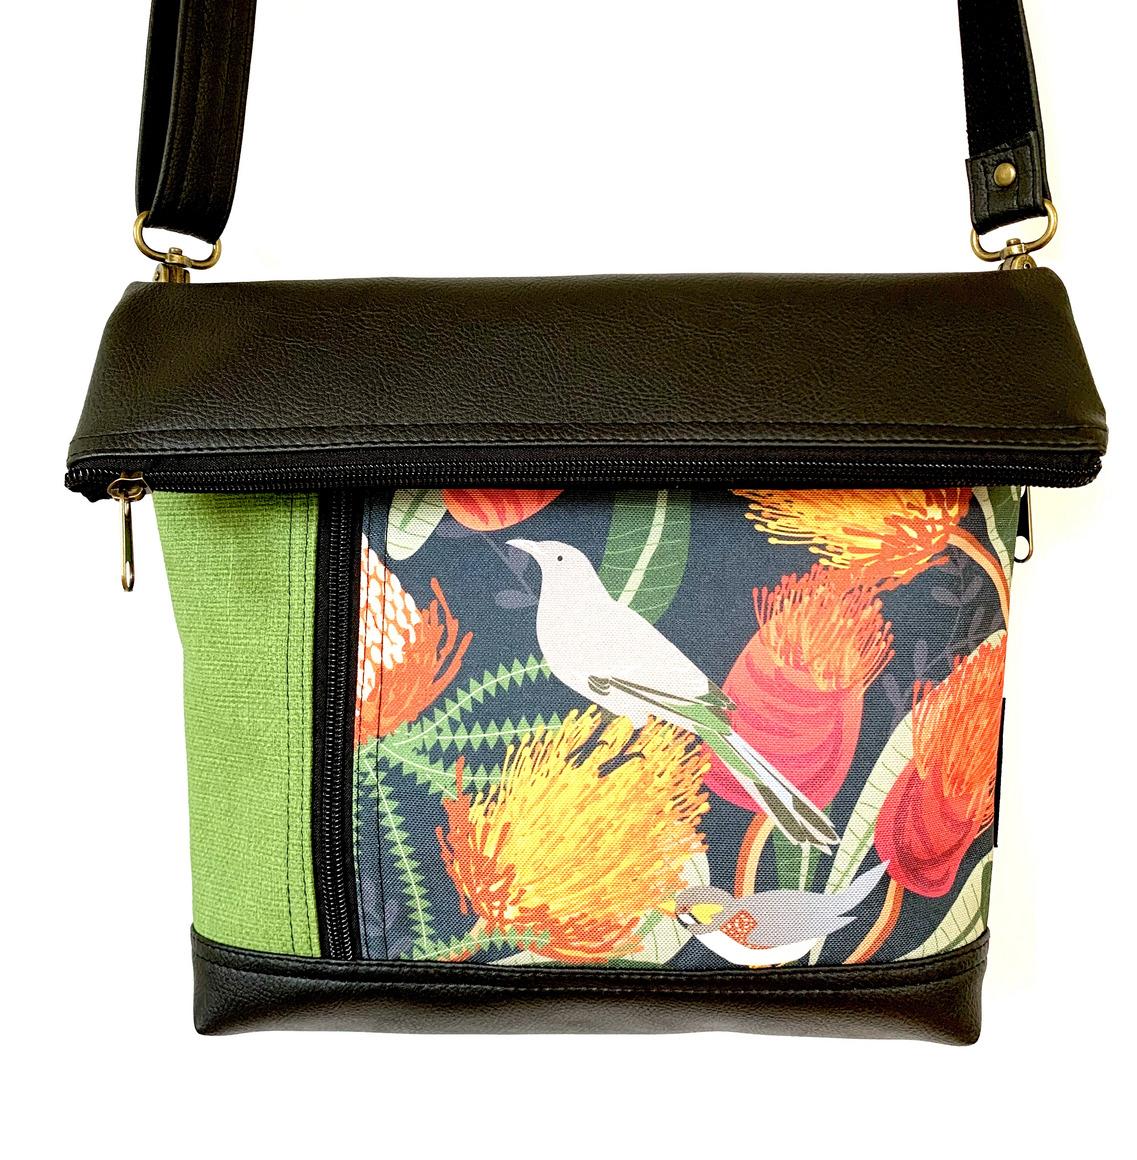 Inge Bag in Bird and Banksia | Trada Marketplace